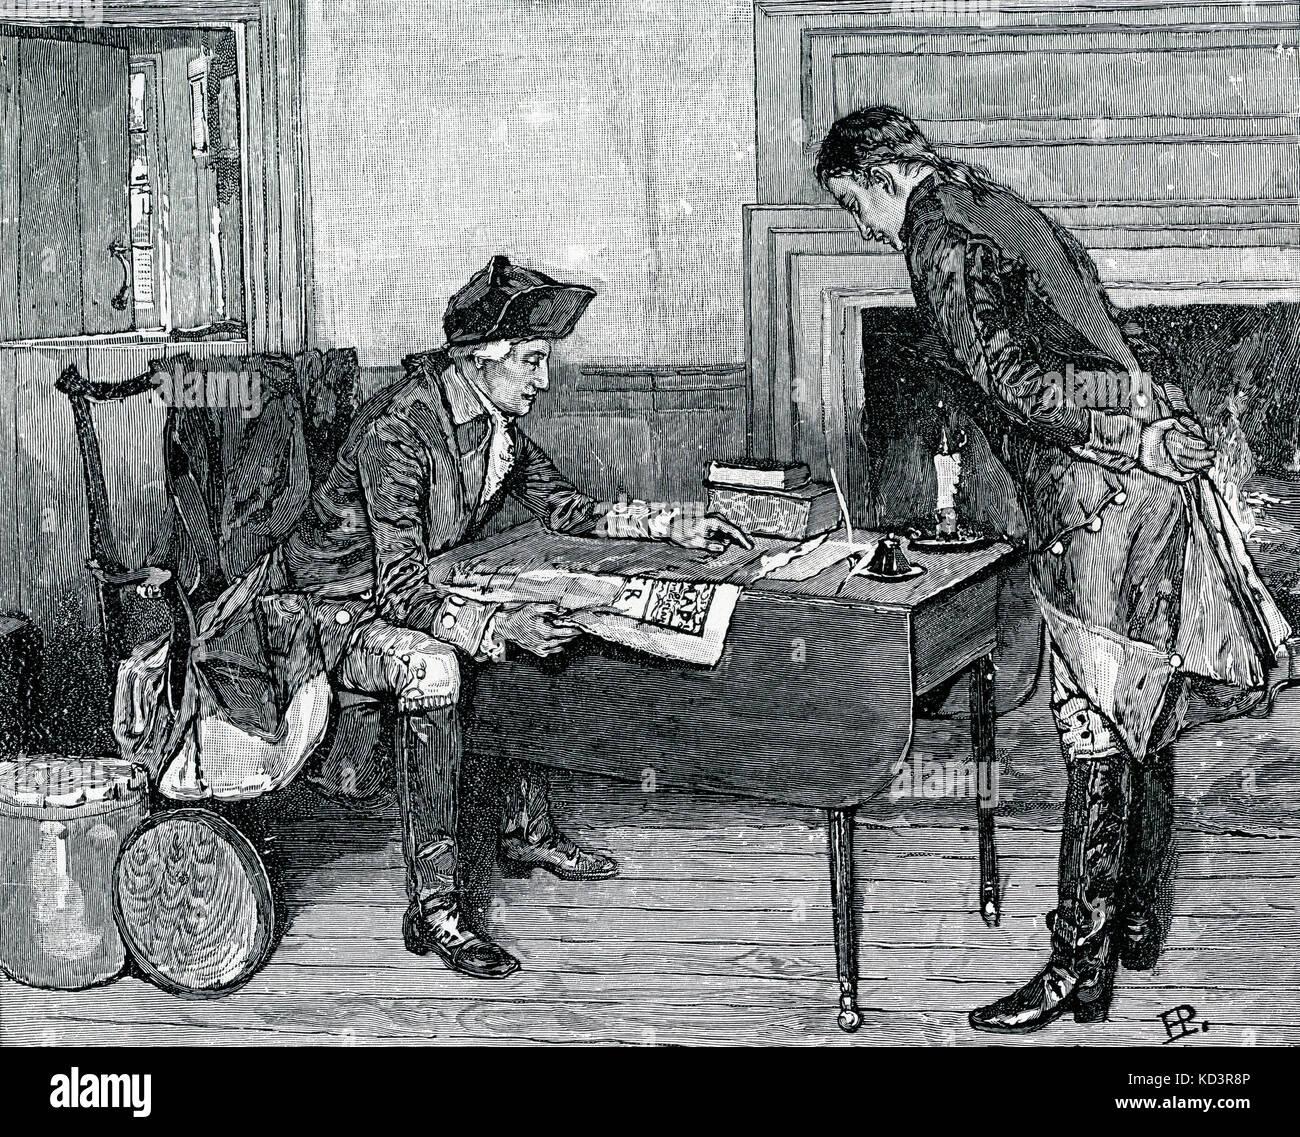 Nathan Hale erhält Befehle von George Washington, bevor er sich aufsetzt, das britische Lager auszuspionieren. Amerikanische Revolution. Illustration von Howard Pyle, 1901 Stockfoto